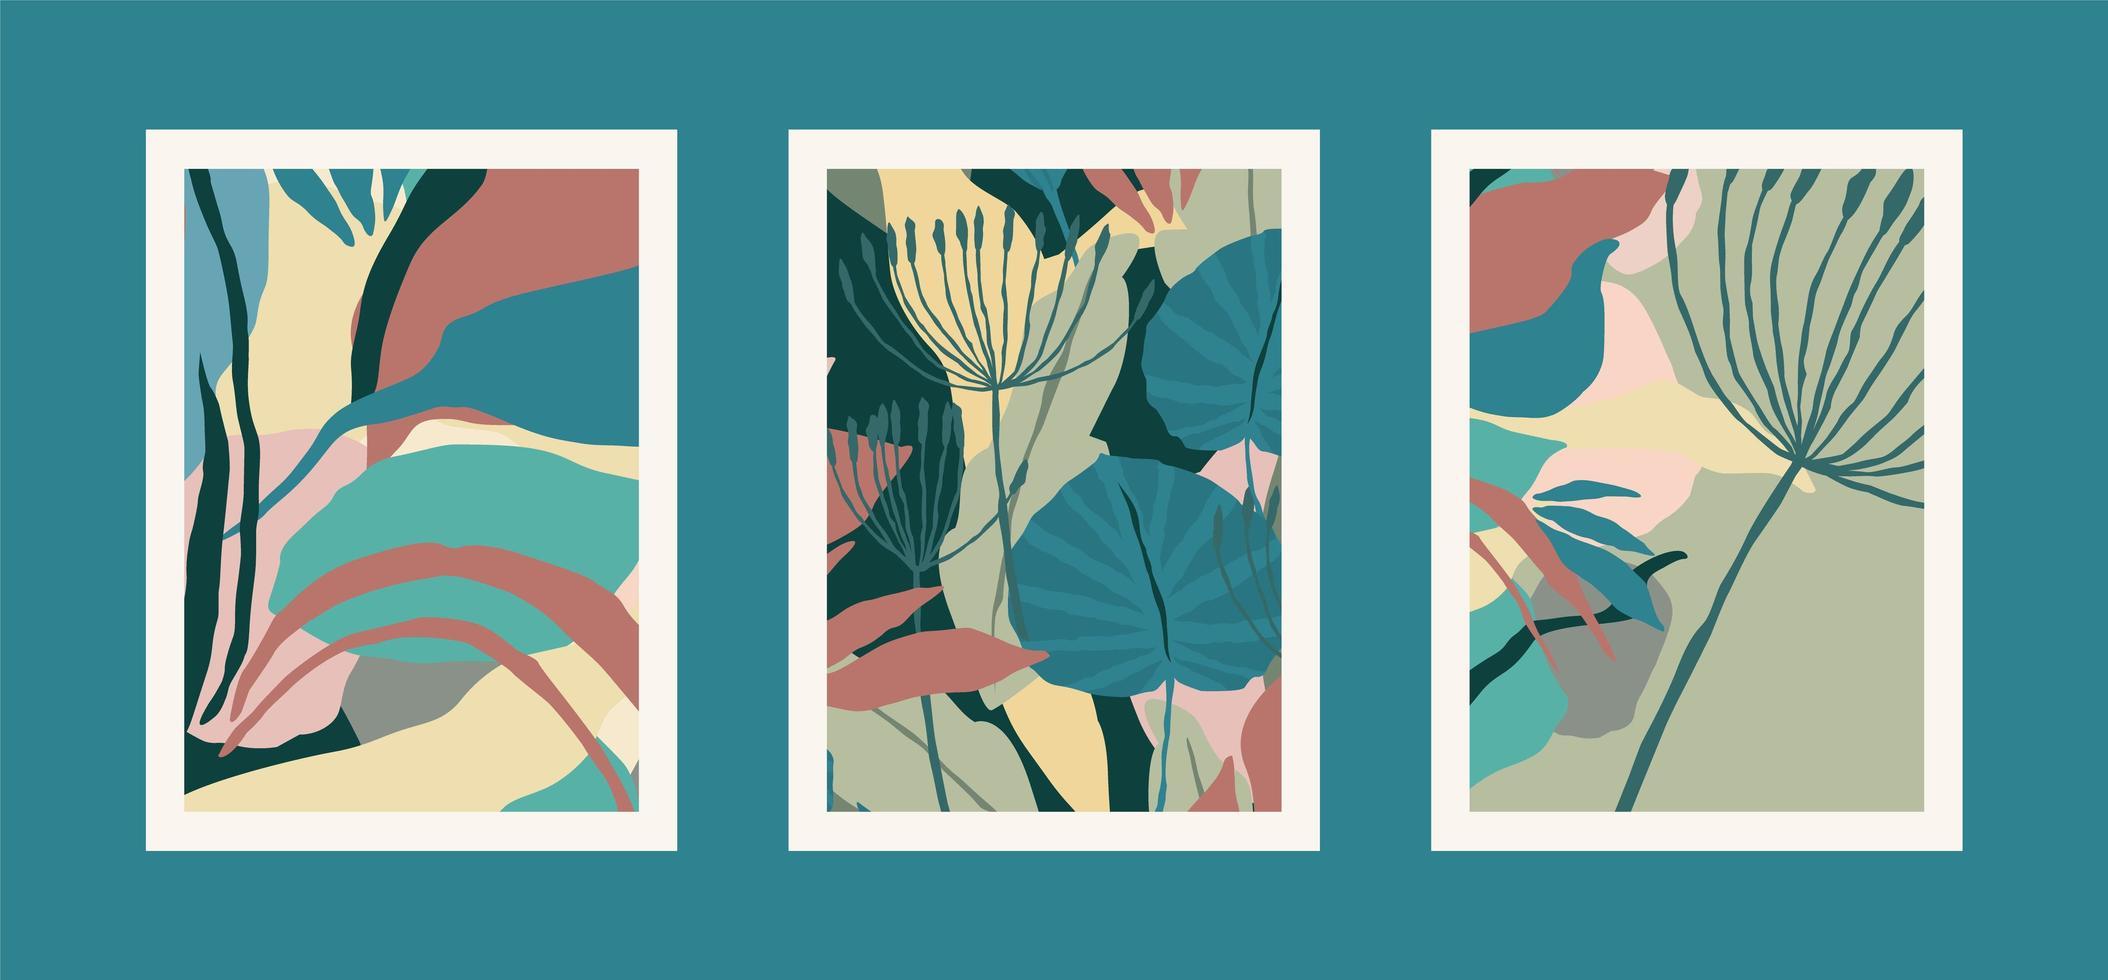 coleção de gravuras de arte com folhas abstratas vetor